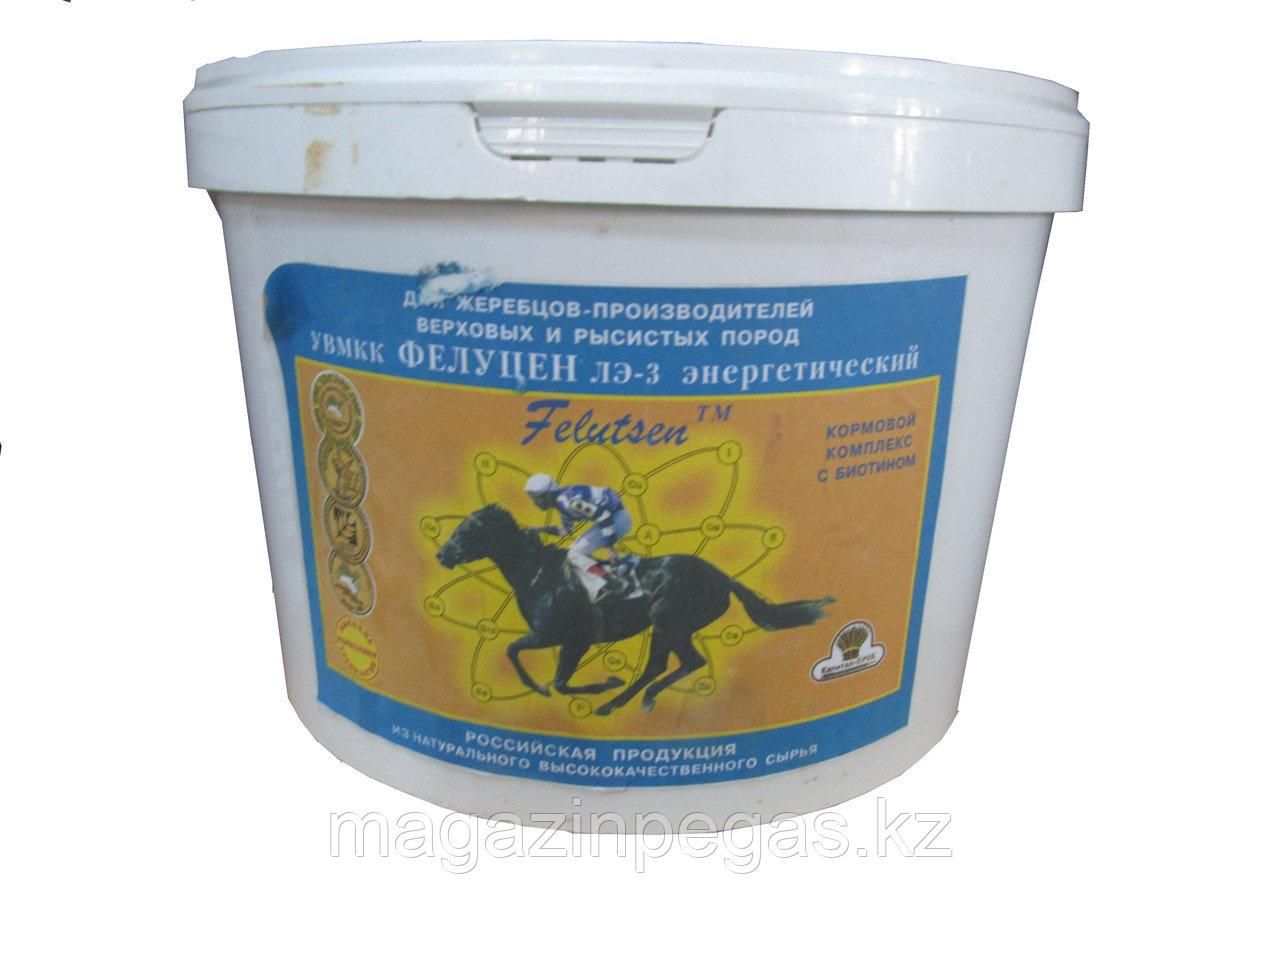 Фелуцен энергетический для спортивных лошадей.